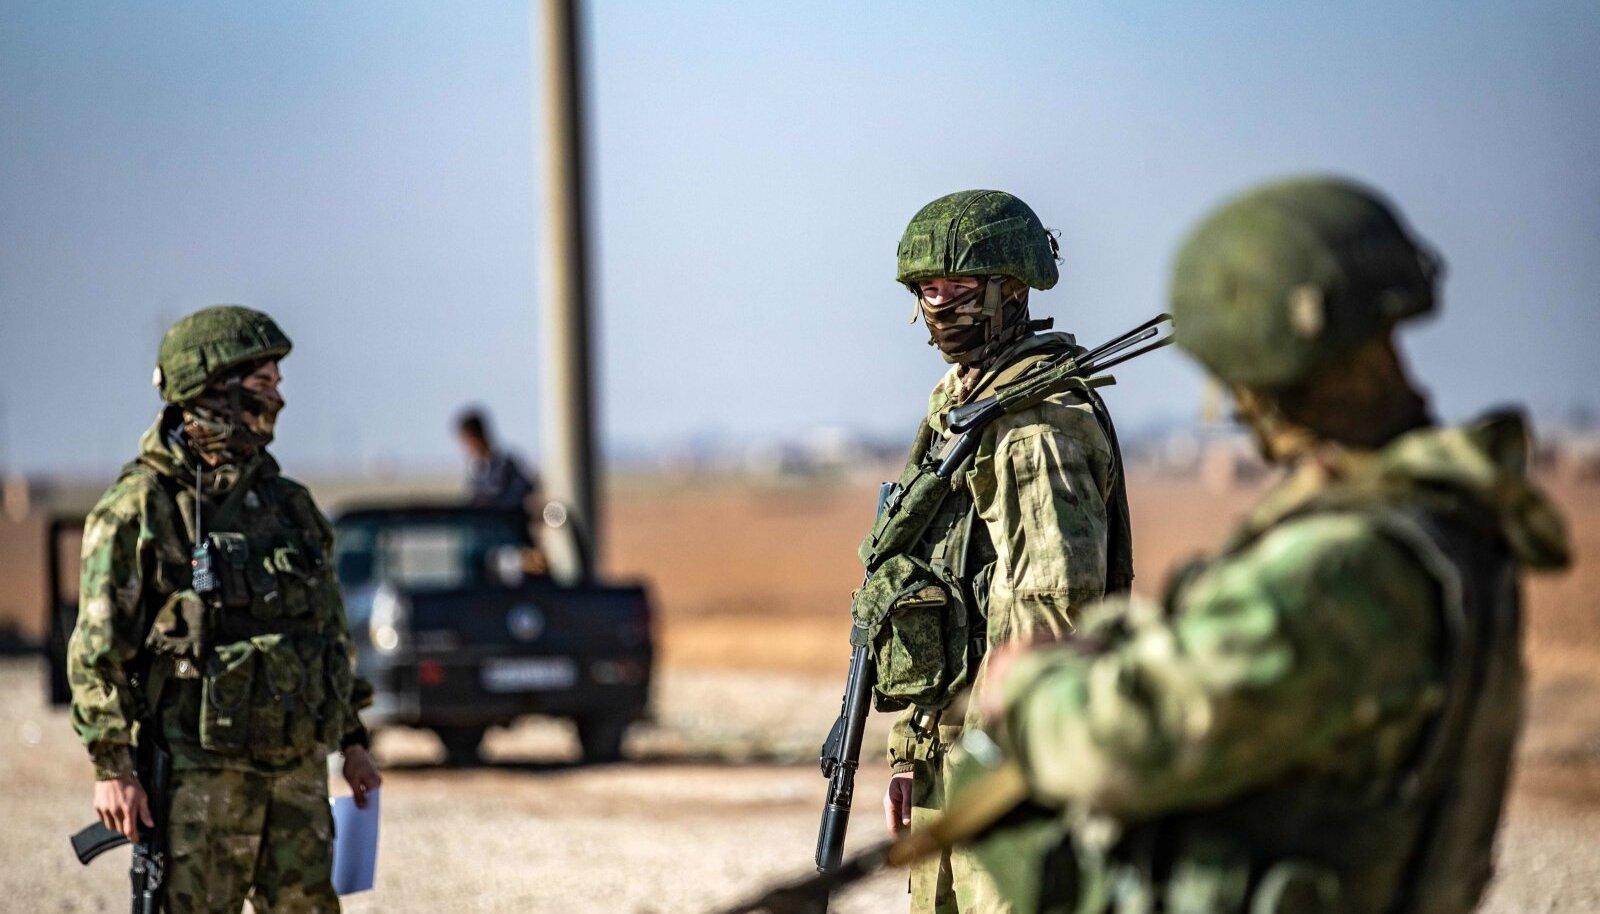 Eraldusmärkideta Vene sõdurid tänavu Süürias. Vene inimõiguslaste sõnul tegutsevad palgasõdurid karistamatult.